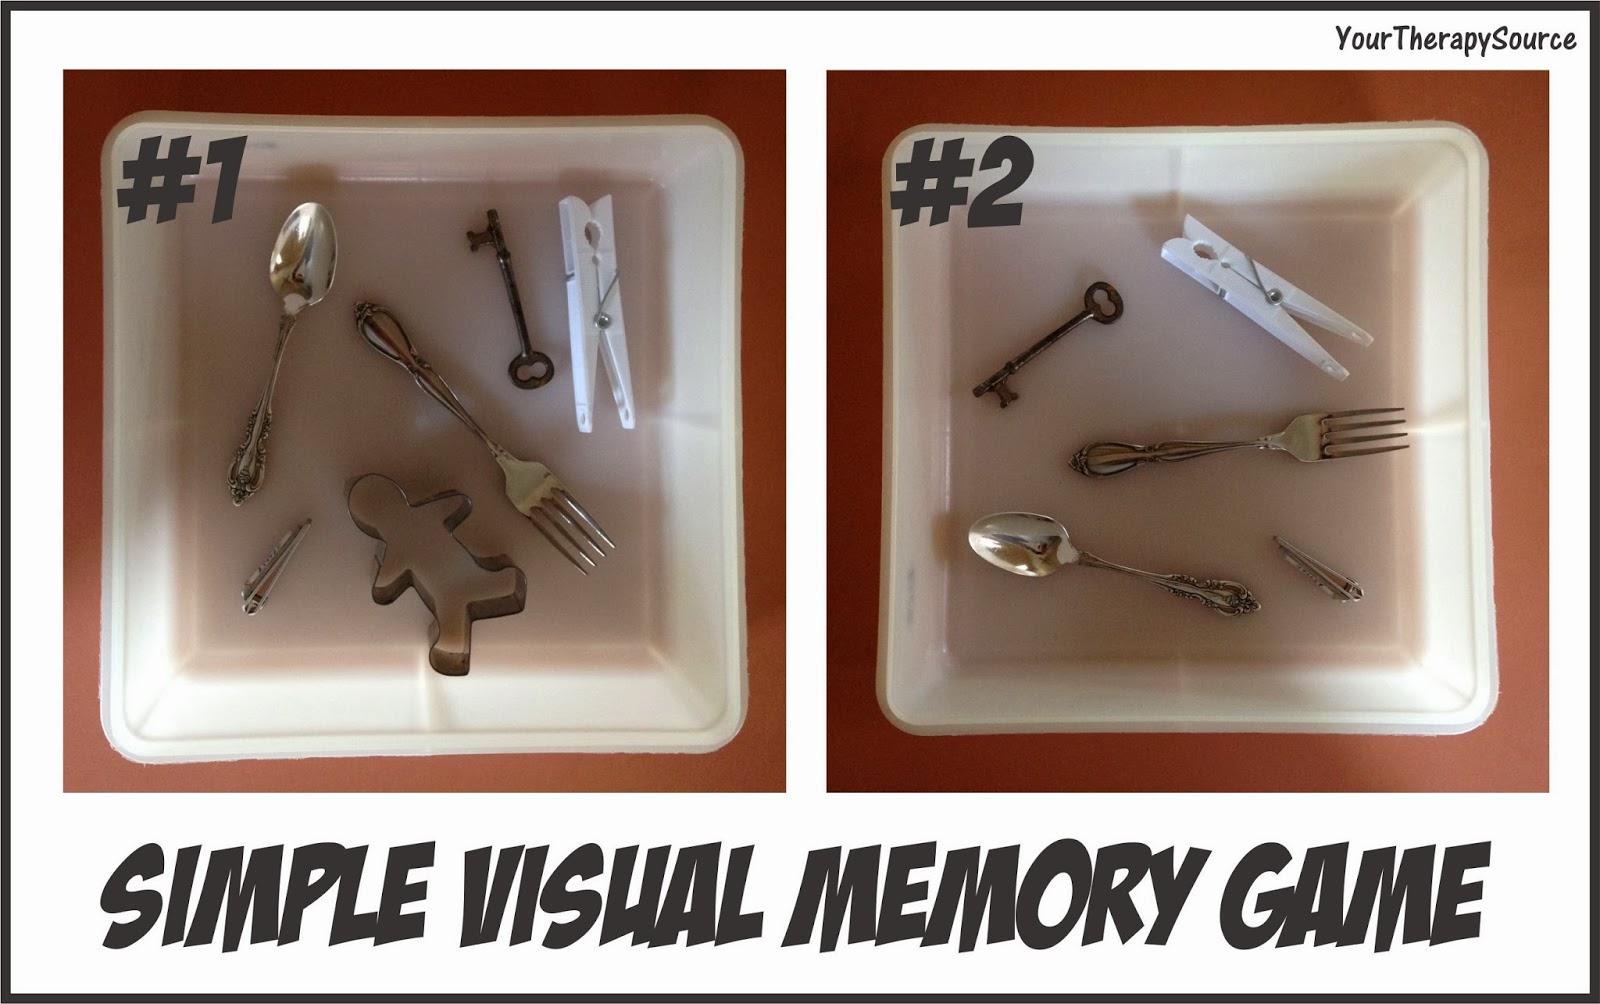 Simple Visual Memory Game